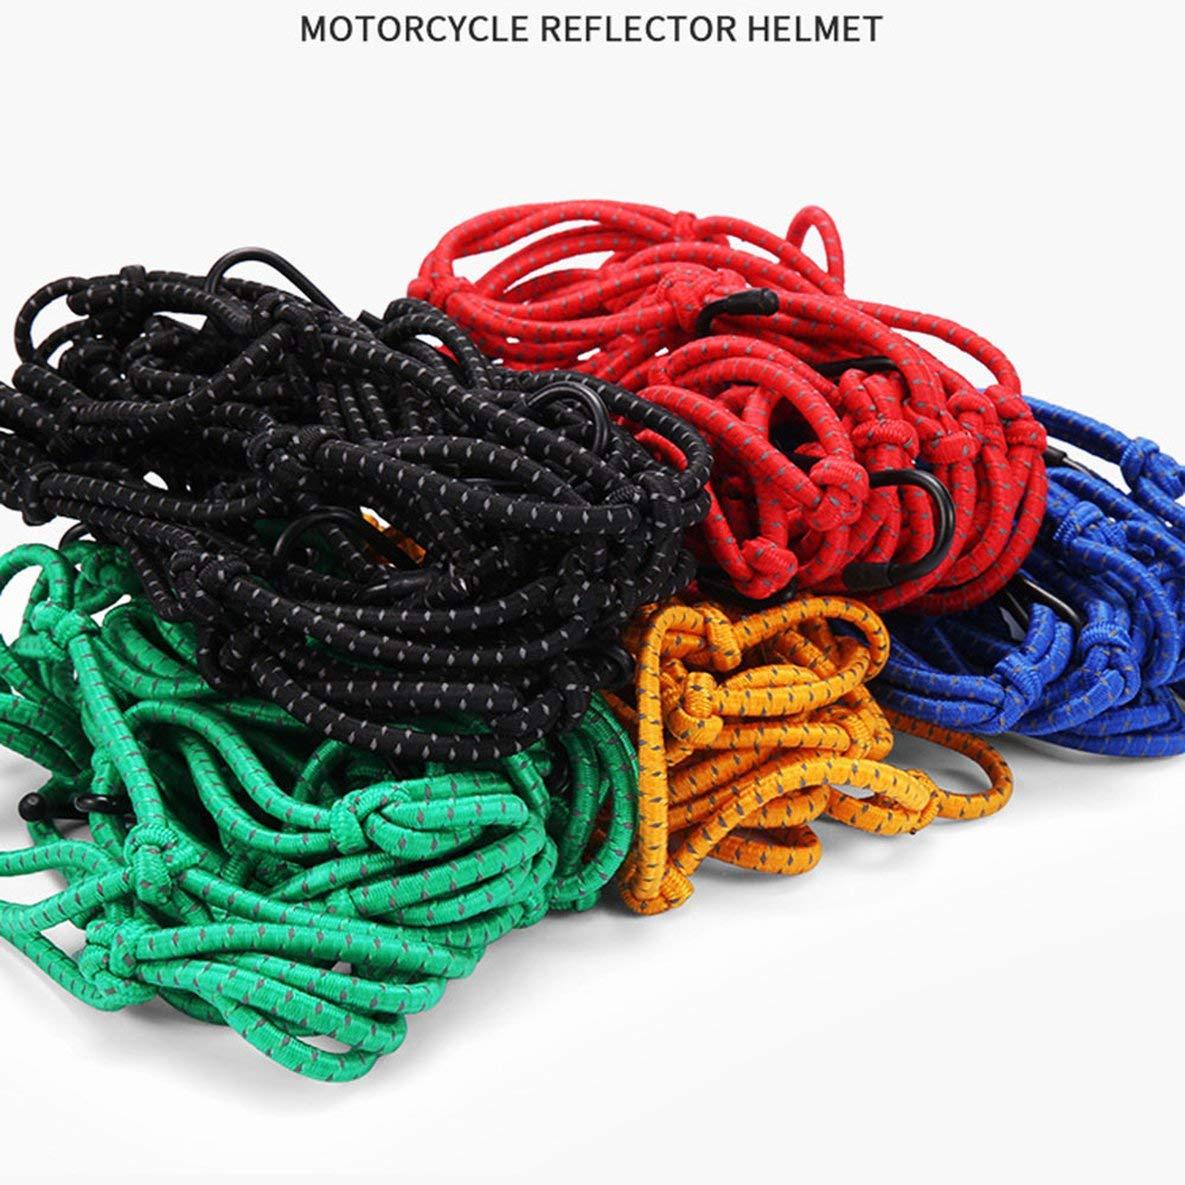 Noradtjcca Praktische Motorrad Kraftstofftank Dekoration String Tasche Gep/äcknetz Helmhalter Reflektierende Mesh Web Net 6 Haken 40x40 cm